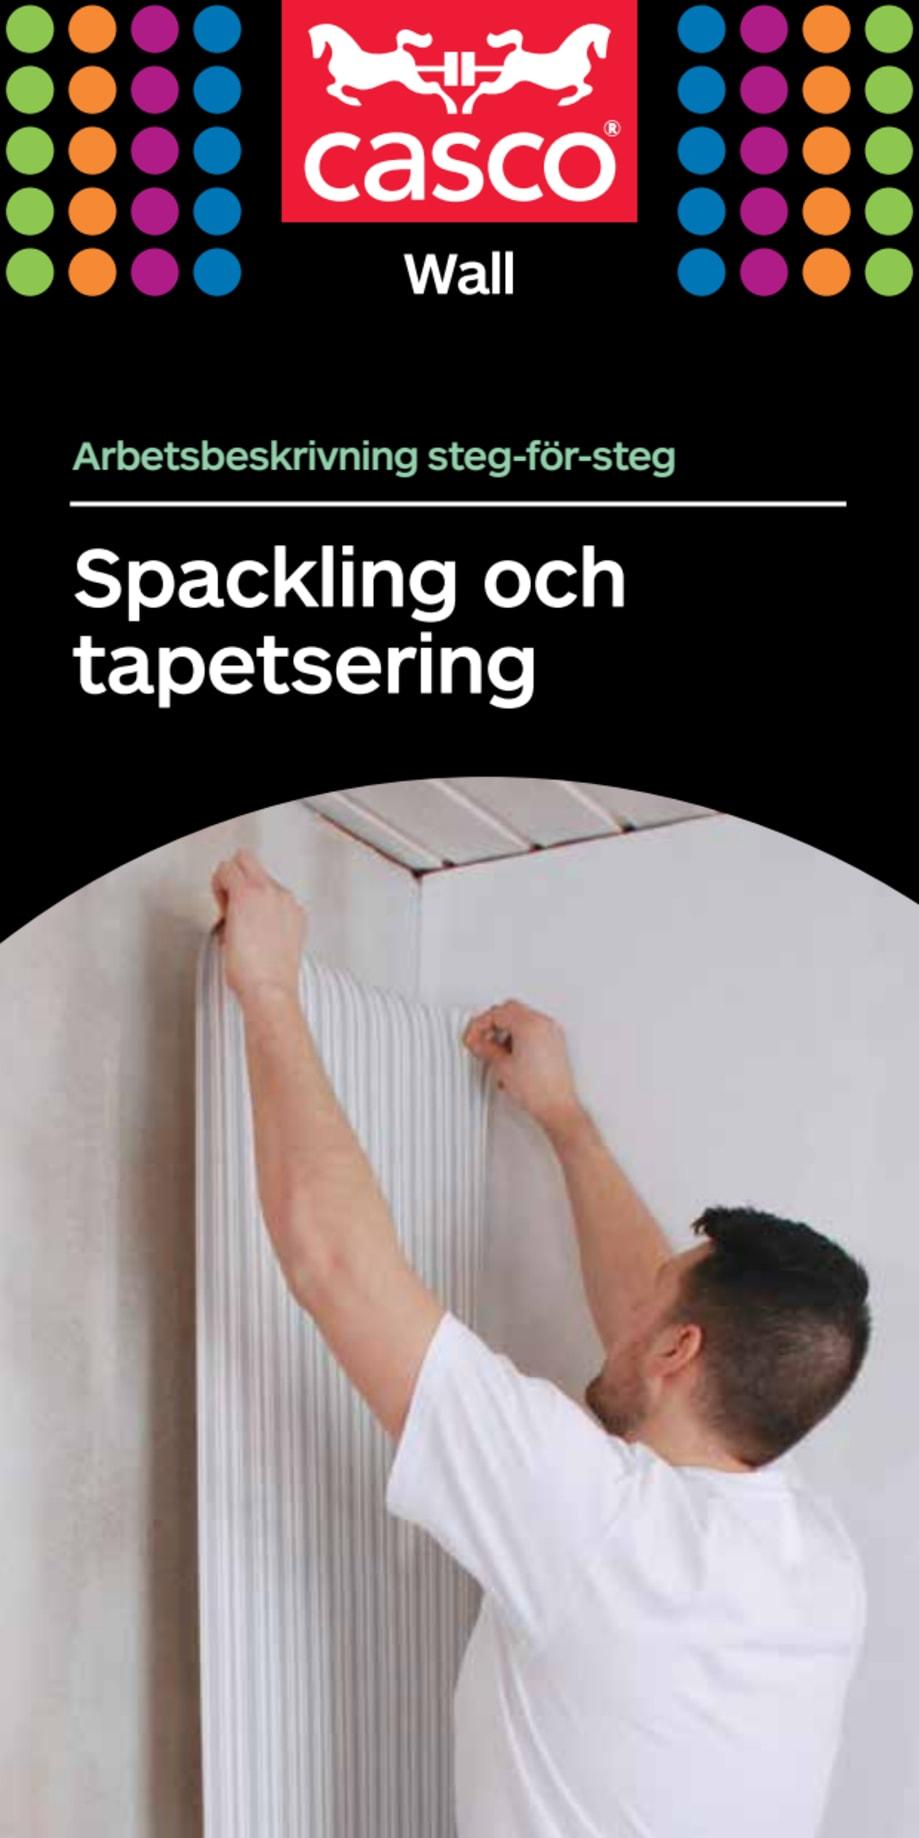 Spackling och tapetsering e4b7139a49294